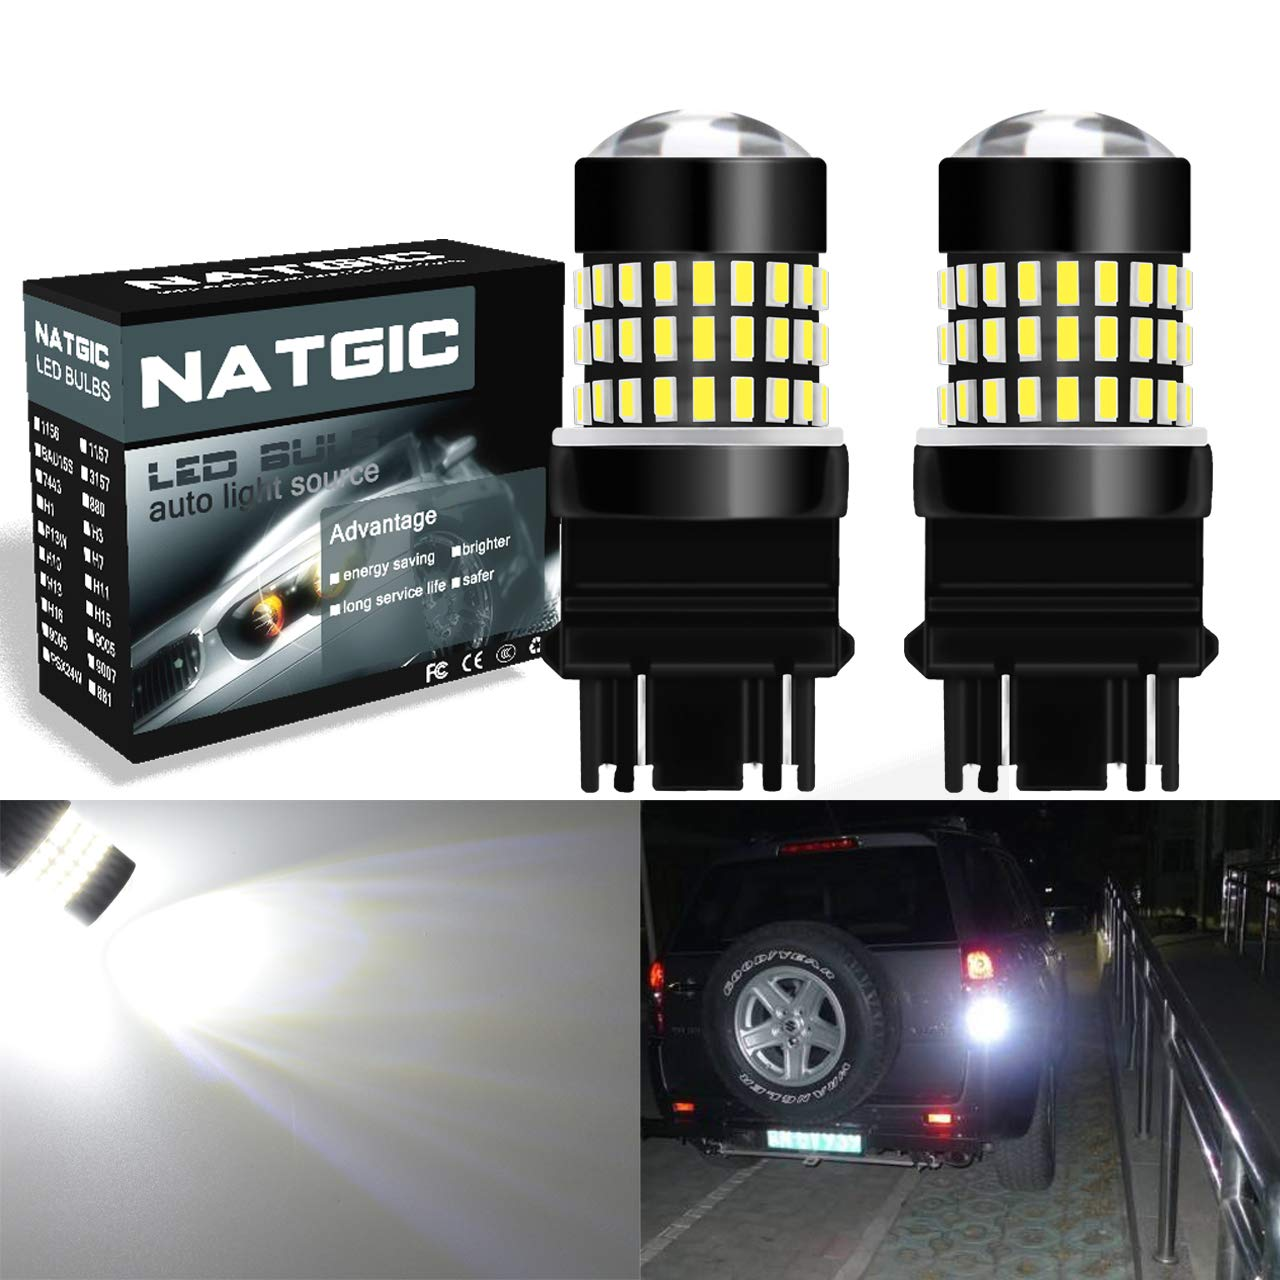 2-Pack NATGIC 3157 3156 3057 4157 3155 LED Bulbs Amber 1800LM 3014SMD 78-EX Chipsets with Lens Projector for Brake Stop Brake Turn Signal Lights,12-24V